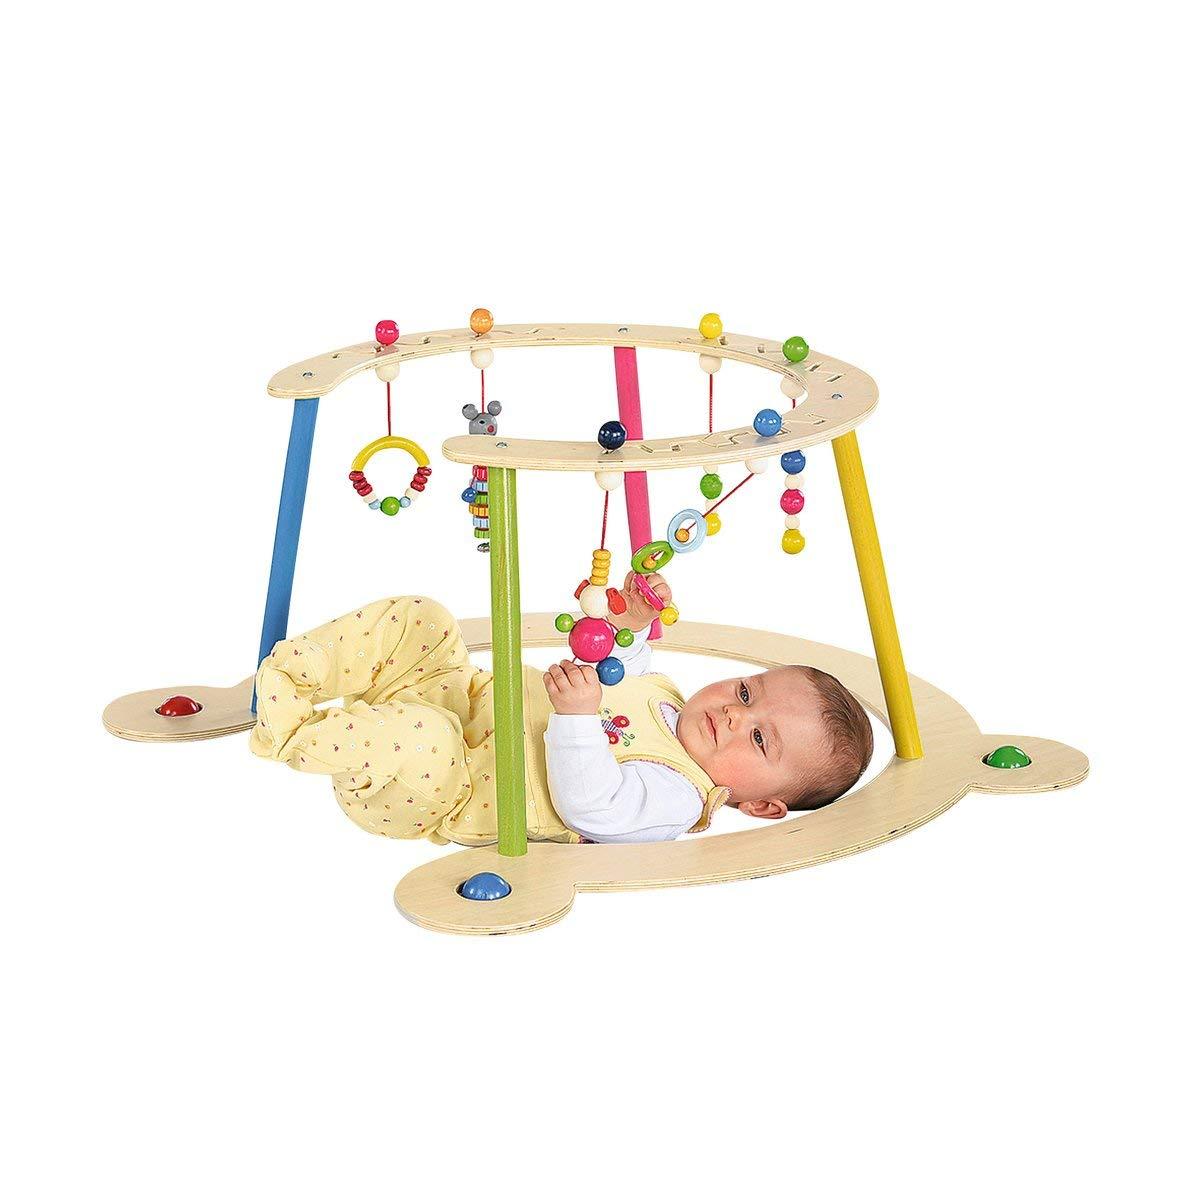 32 cm H/öhe Lauflernwagen ab 6 Monate Spielbogen aus Holz und Lauflernger/ät Hess Baby Spiel